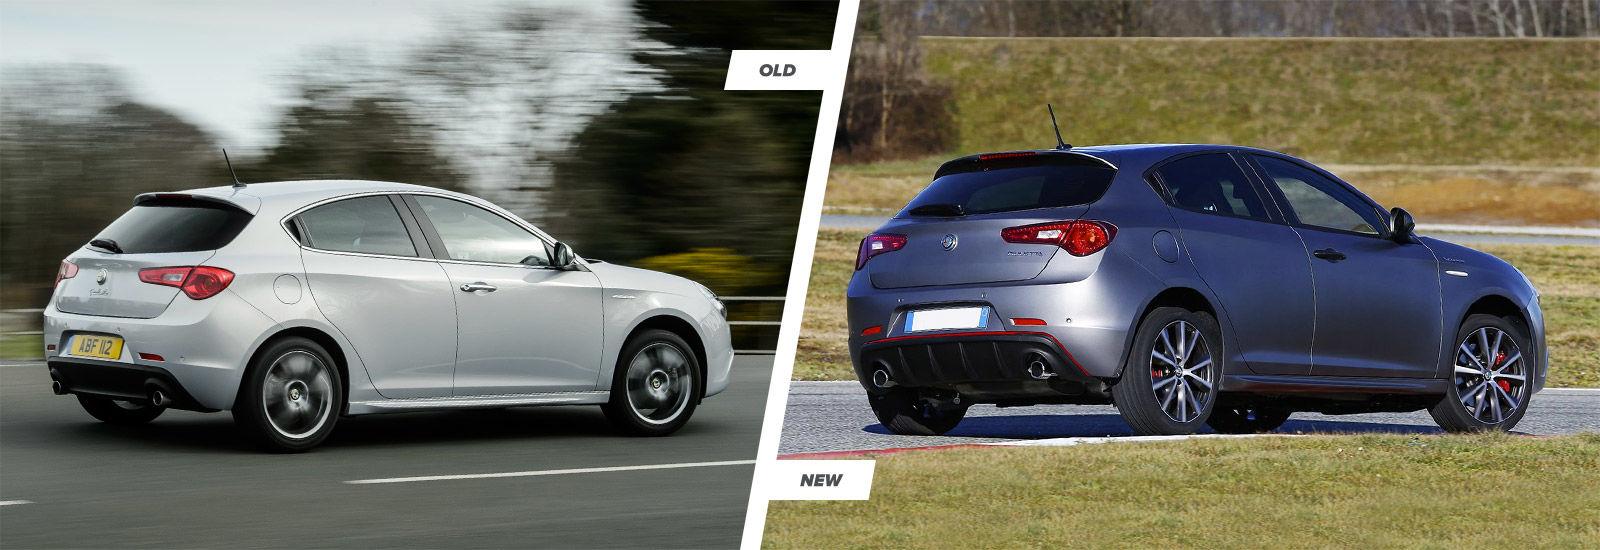 Alfa romeo giulietta old vs new prices